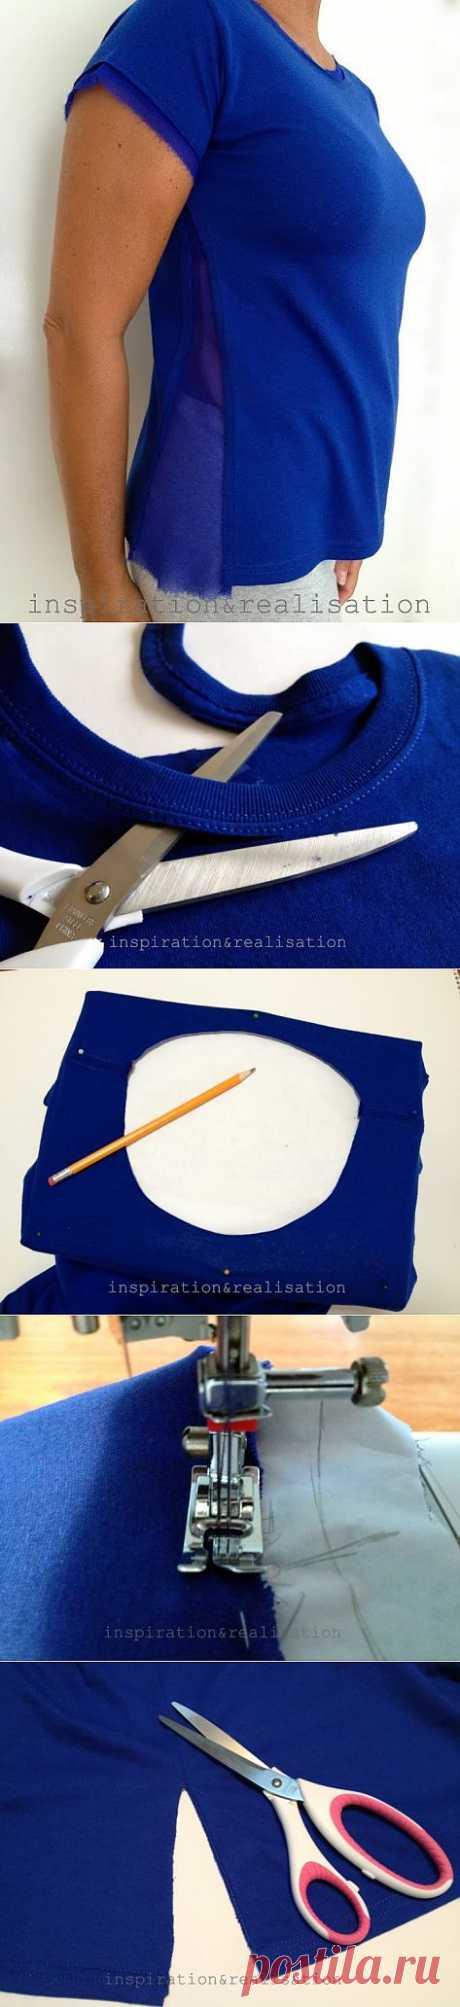 Как увеличить размер футболки (Diy) / Изменение размера /